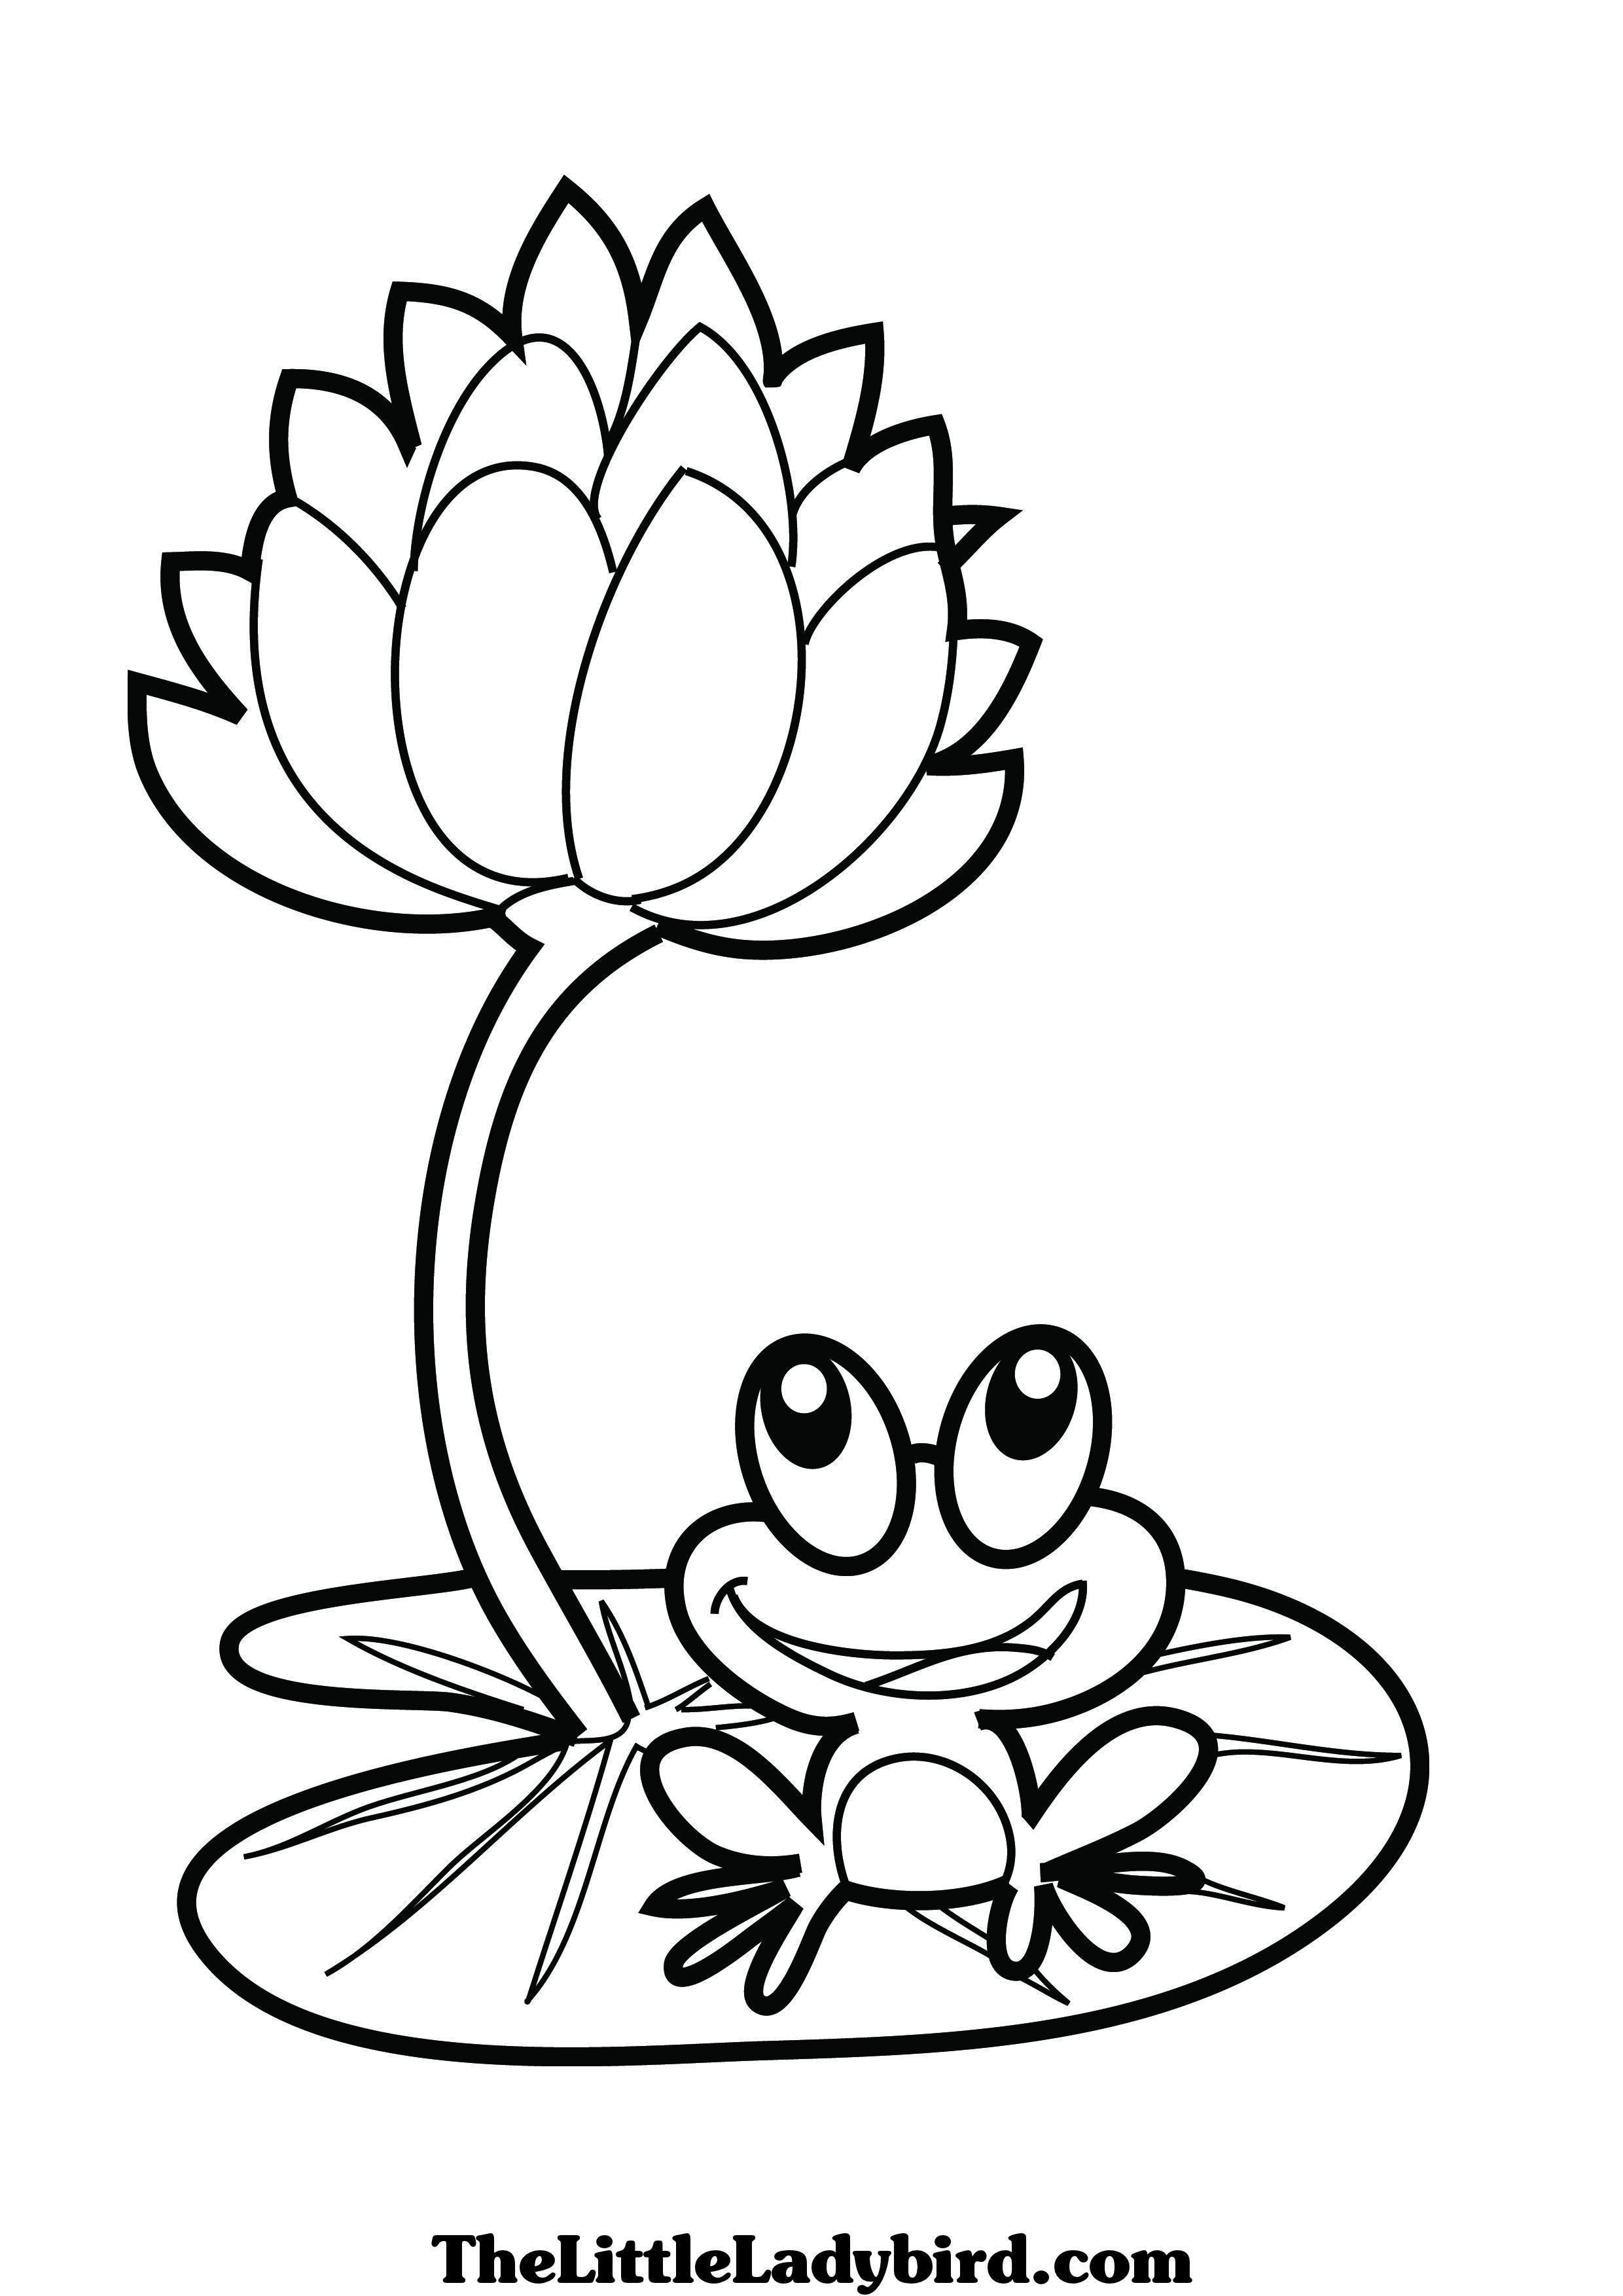 dessin à colorier de a grenouille sitting on a lotus leaf dessins à colorier the